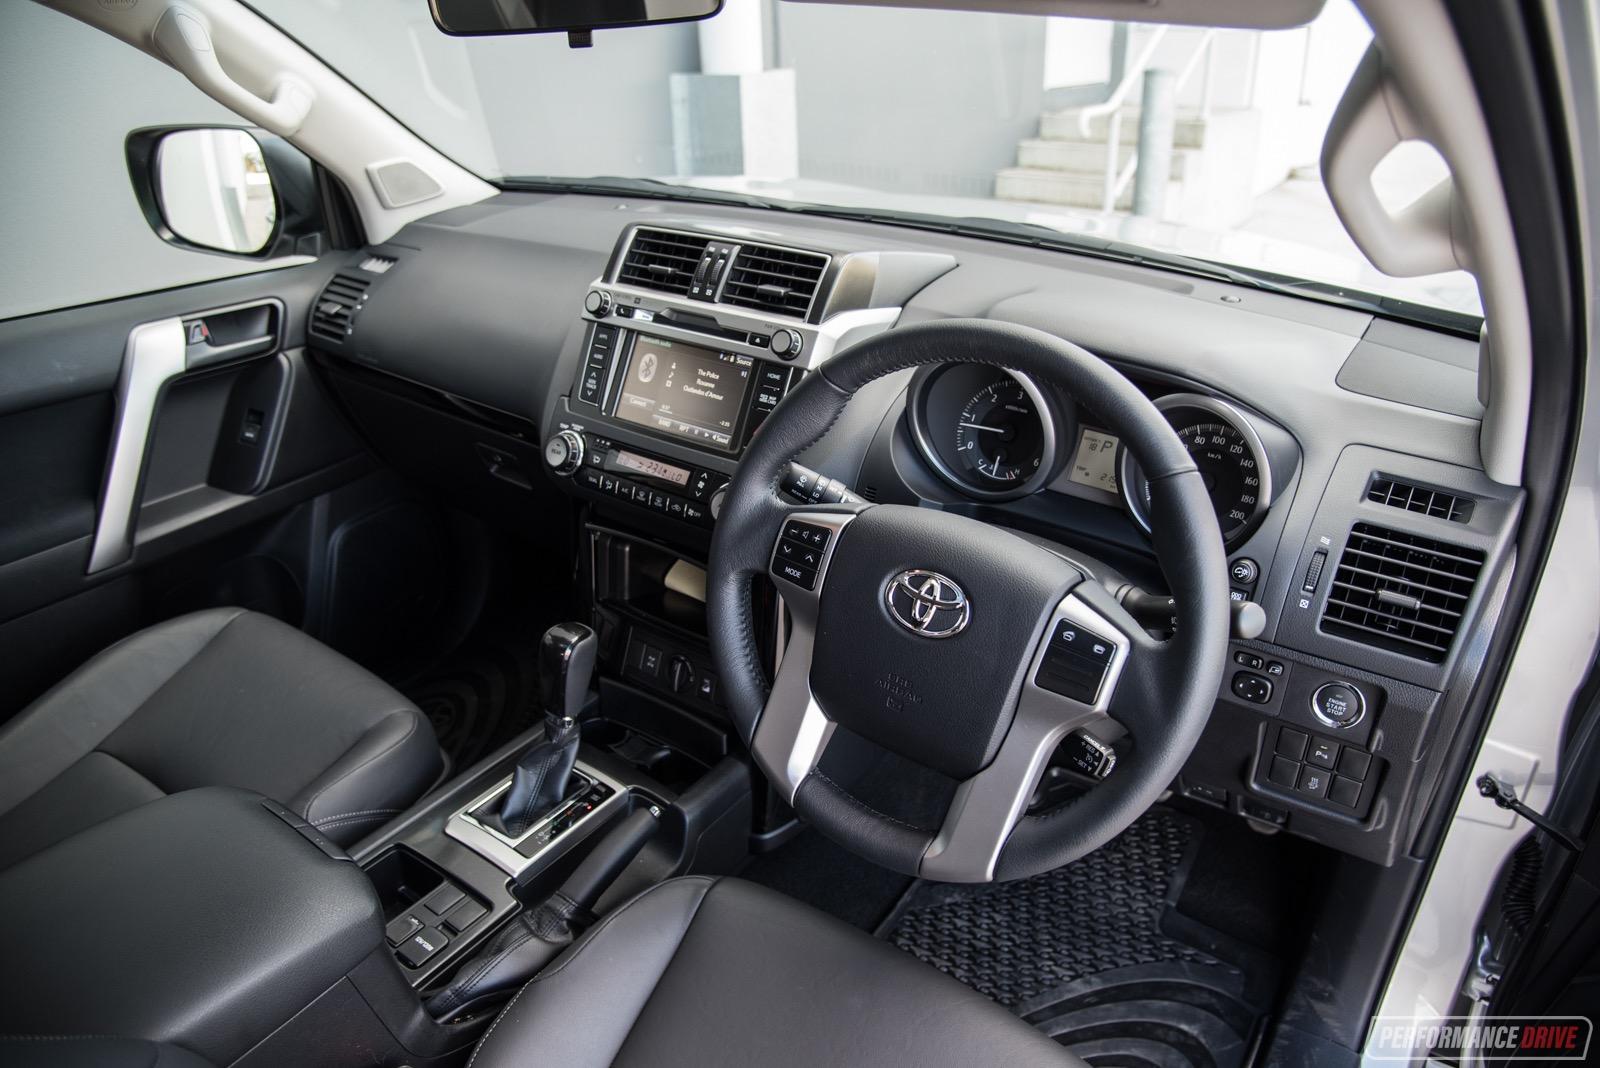 Toyota Camry 2018 Interior >> 2017 Toyota Prado Altitude review (video) | PerformanceDrive